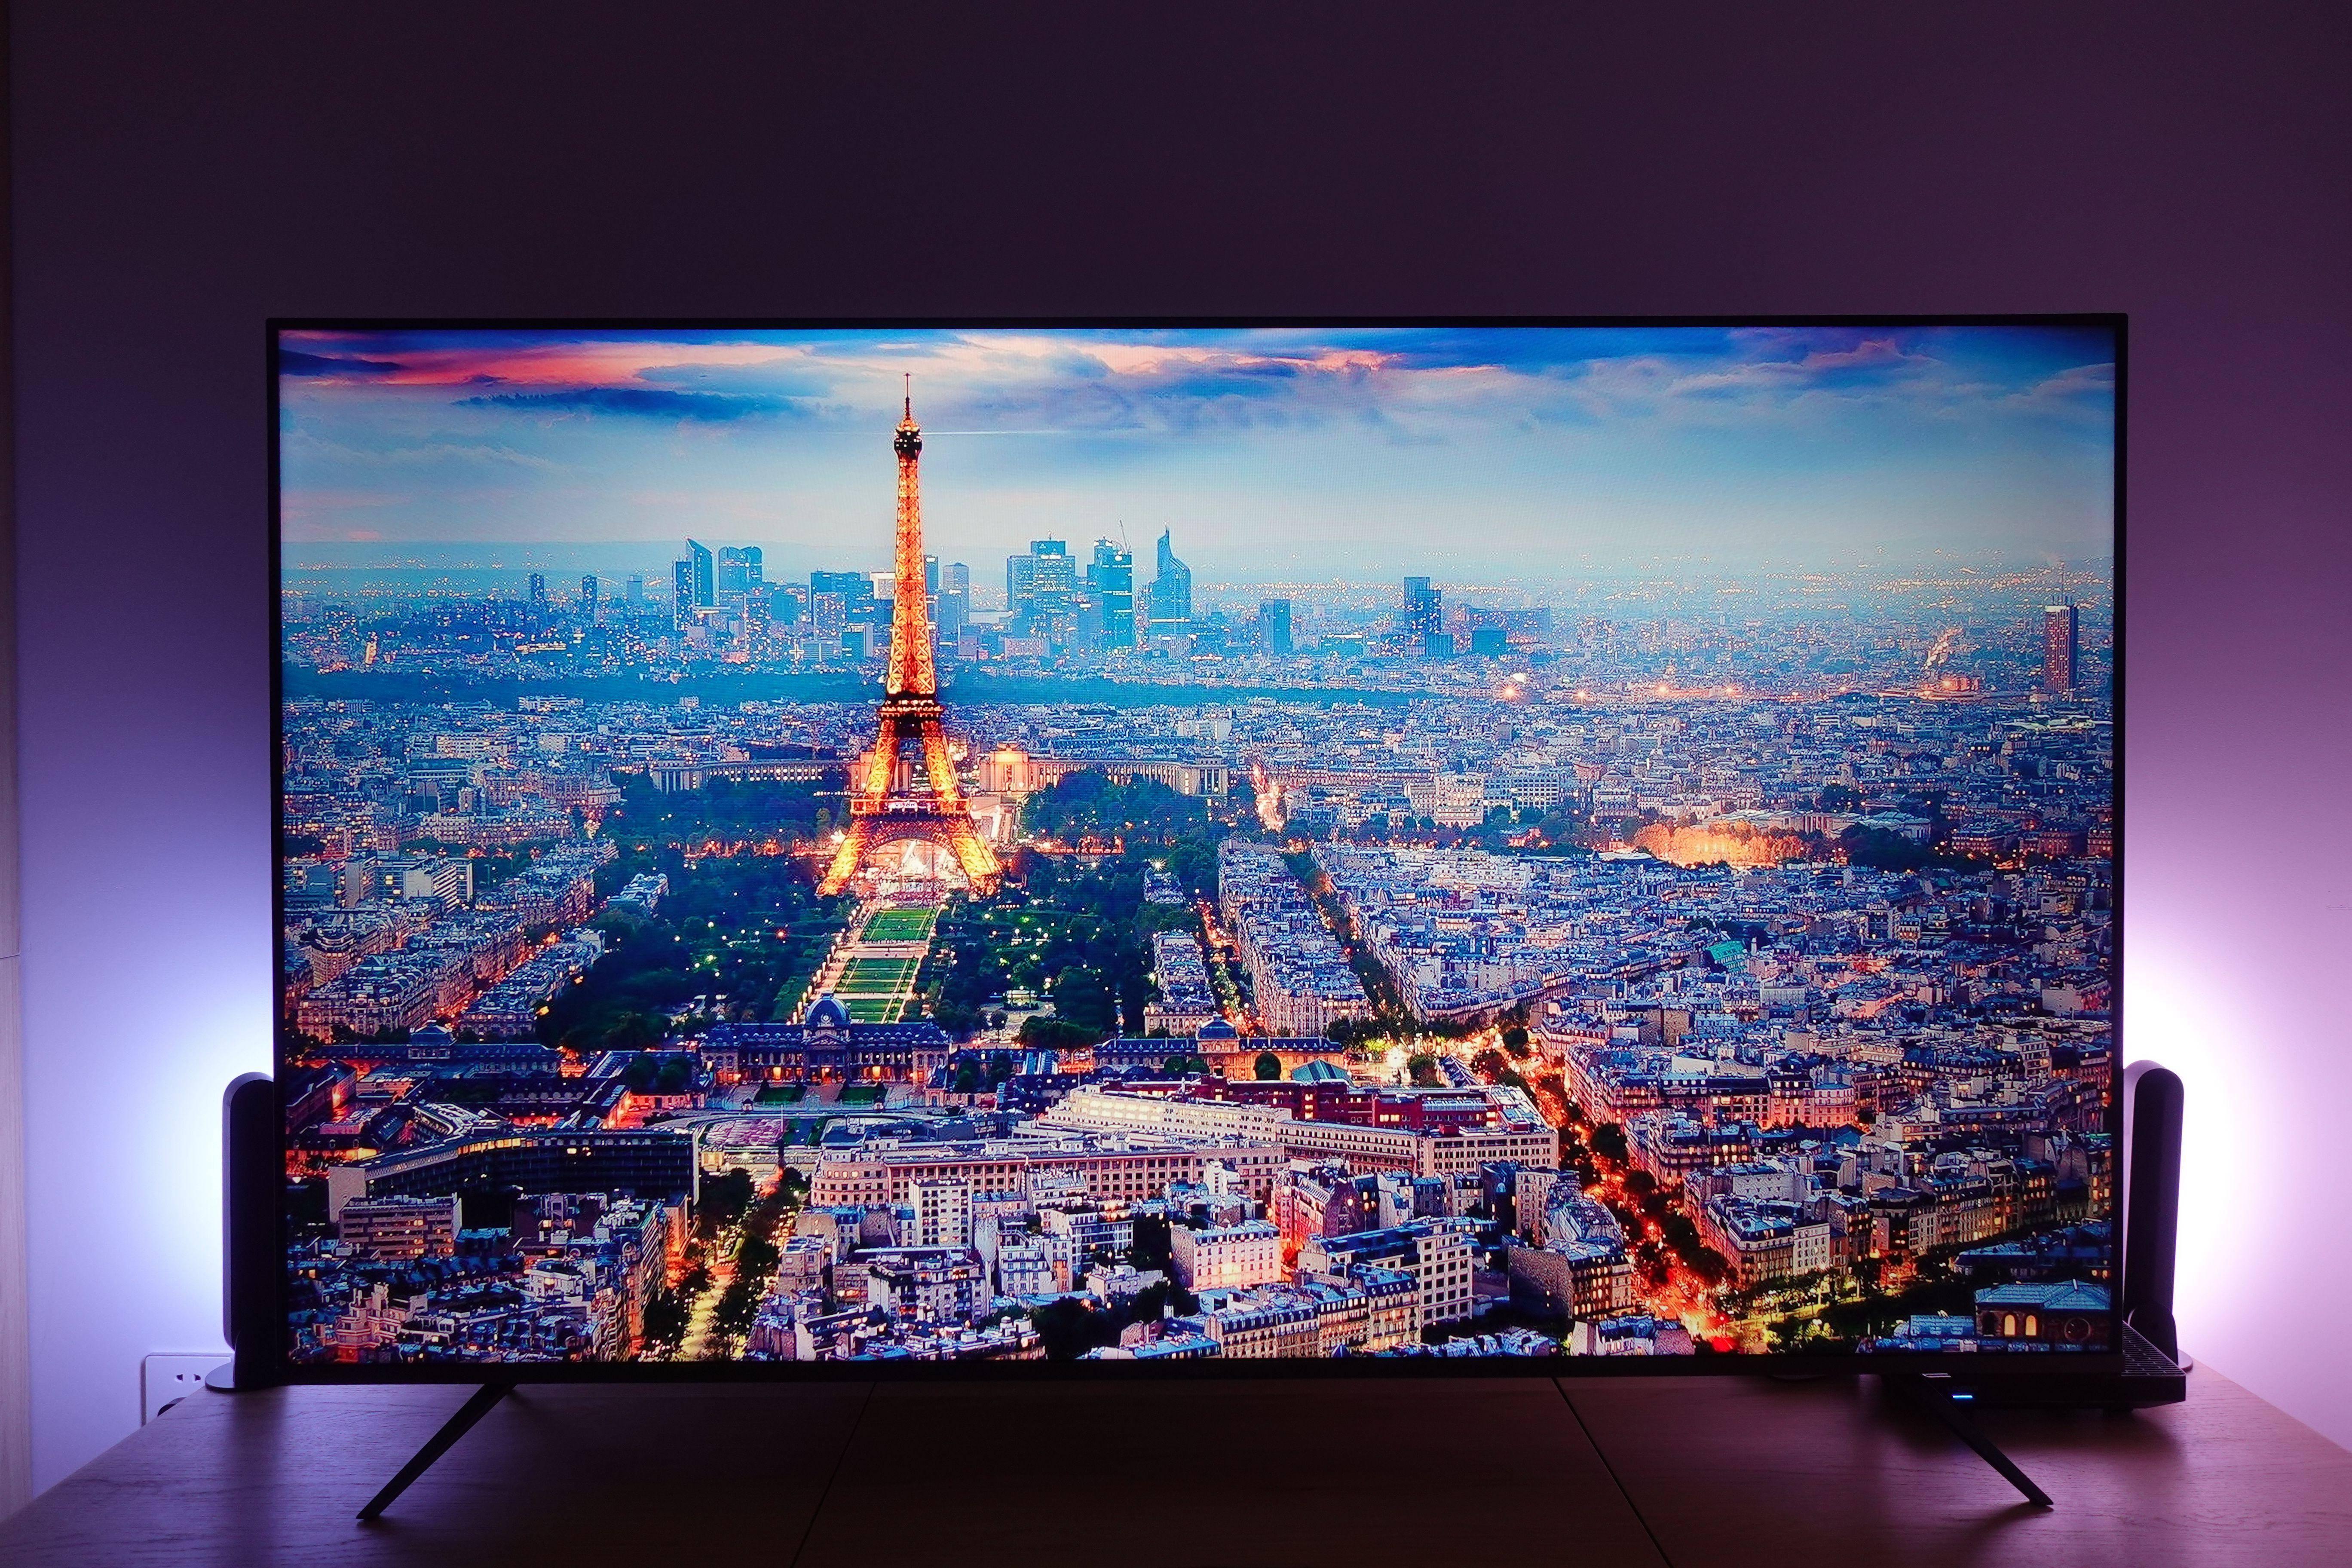 原创             OPPO R1 65寸入手体验,「全家满意」的电视机才叫讲武德